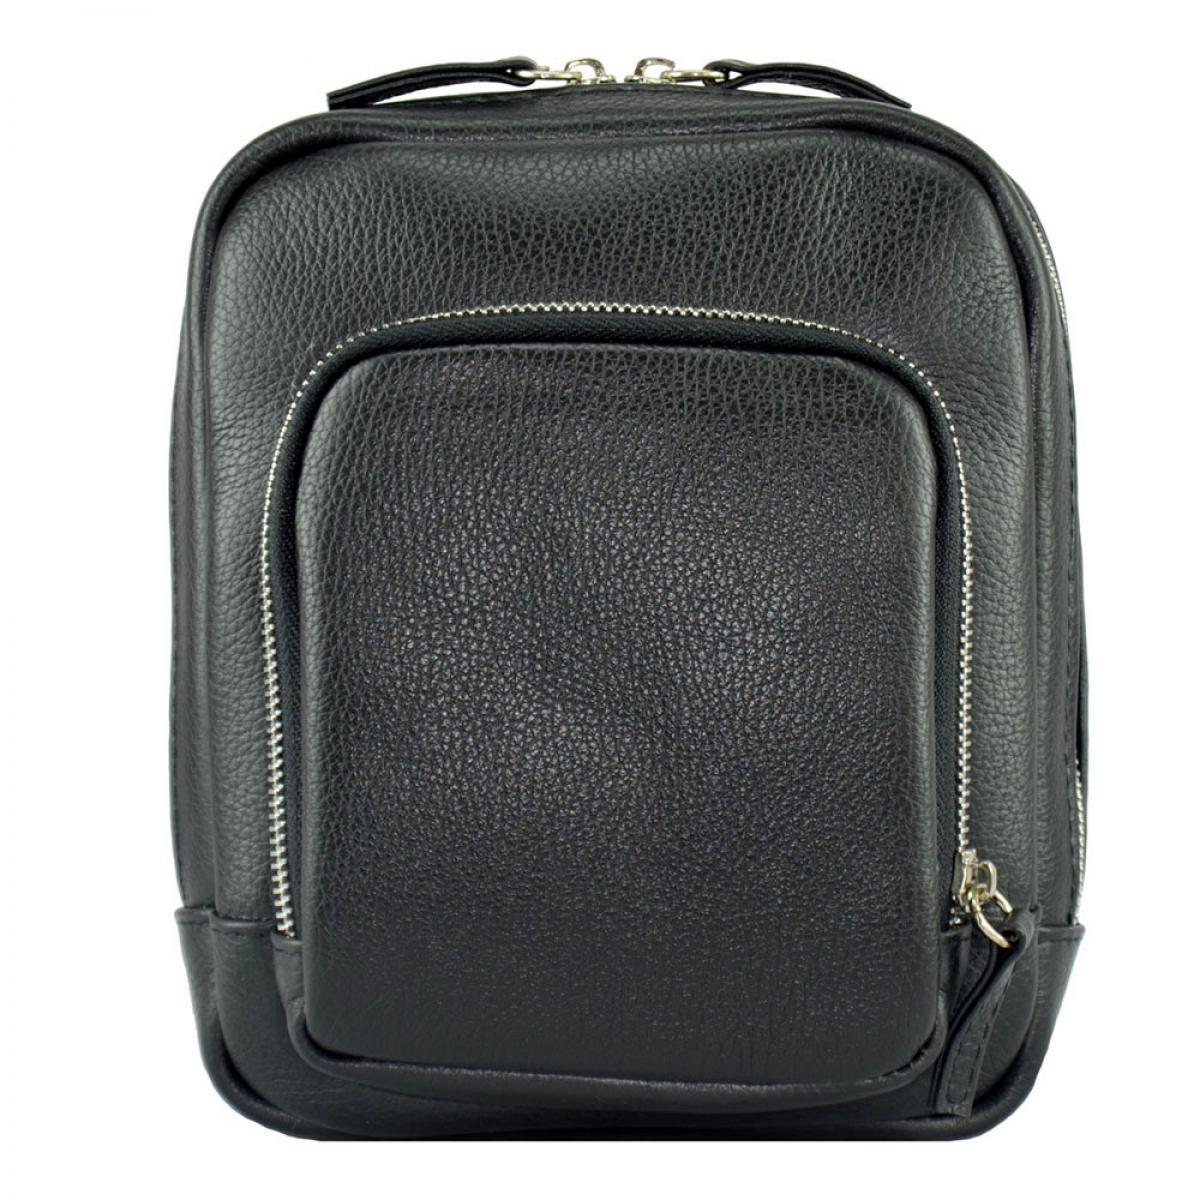 54e845a88b55 Мужская сумка через плечо 0185/101 Украина. Мужская кожаная сумка черная ...